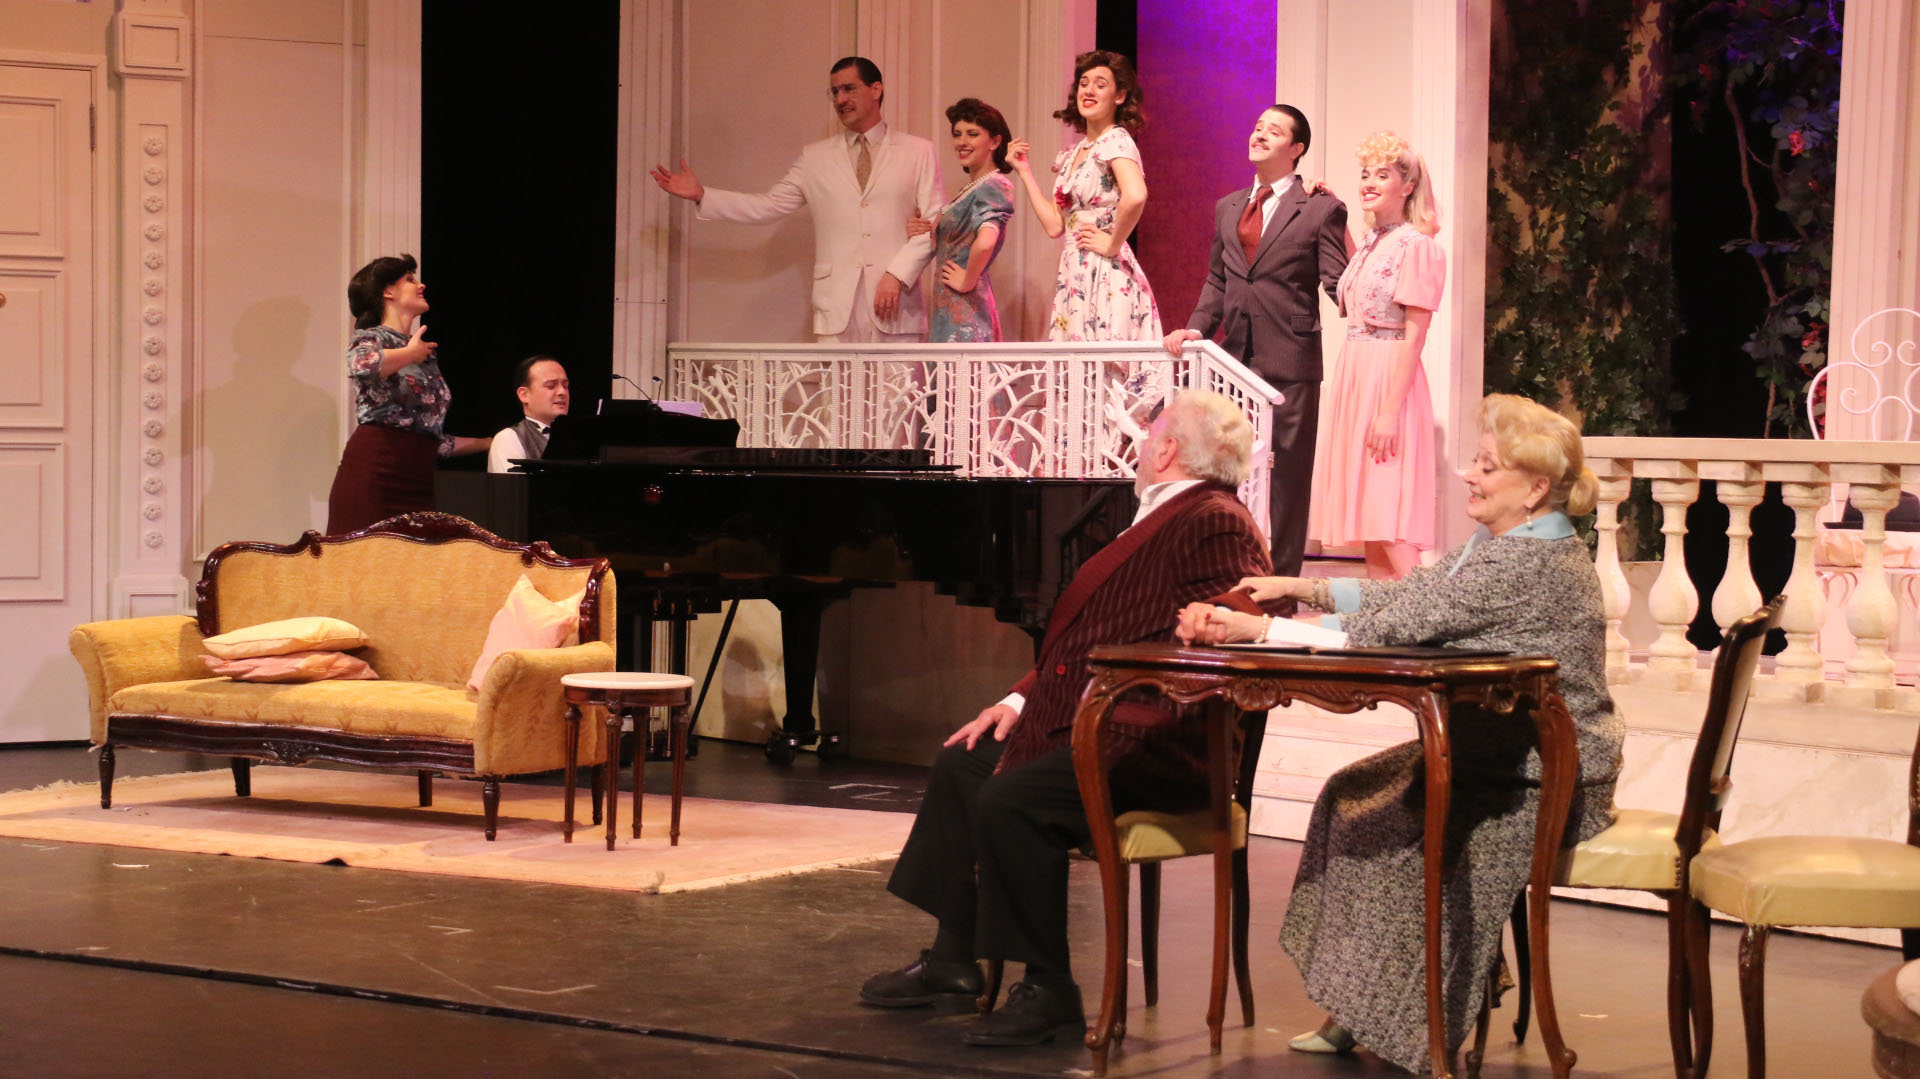 La obra se estrenó el 1 de junio en un remodelado Centro Cultural 25 de Mayo